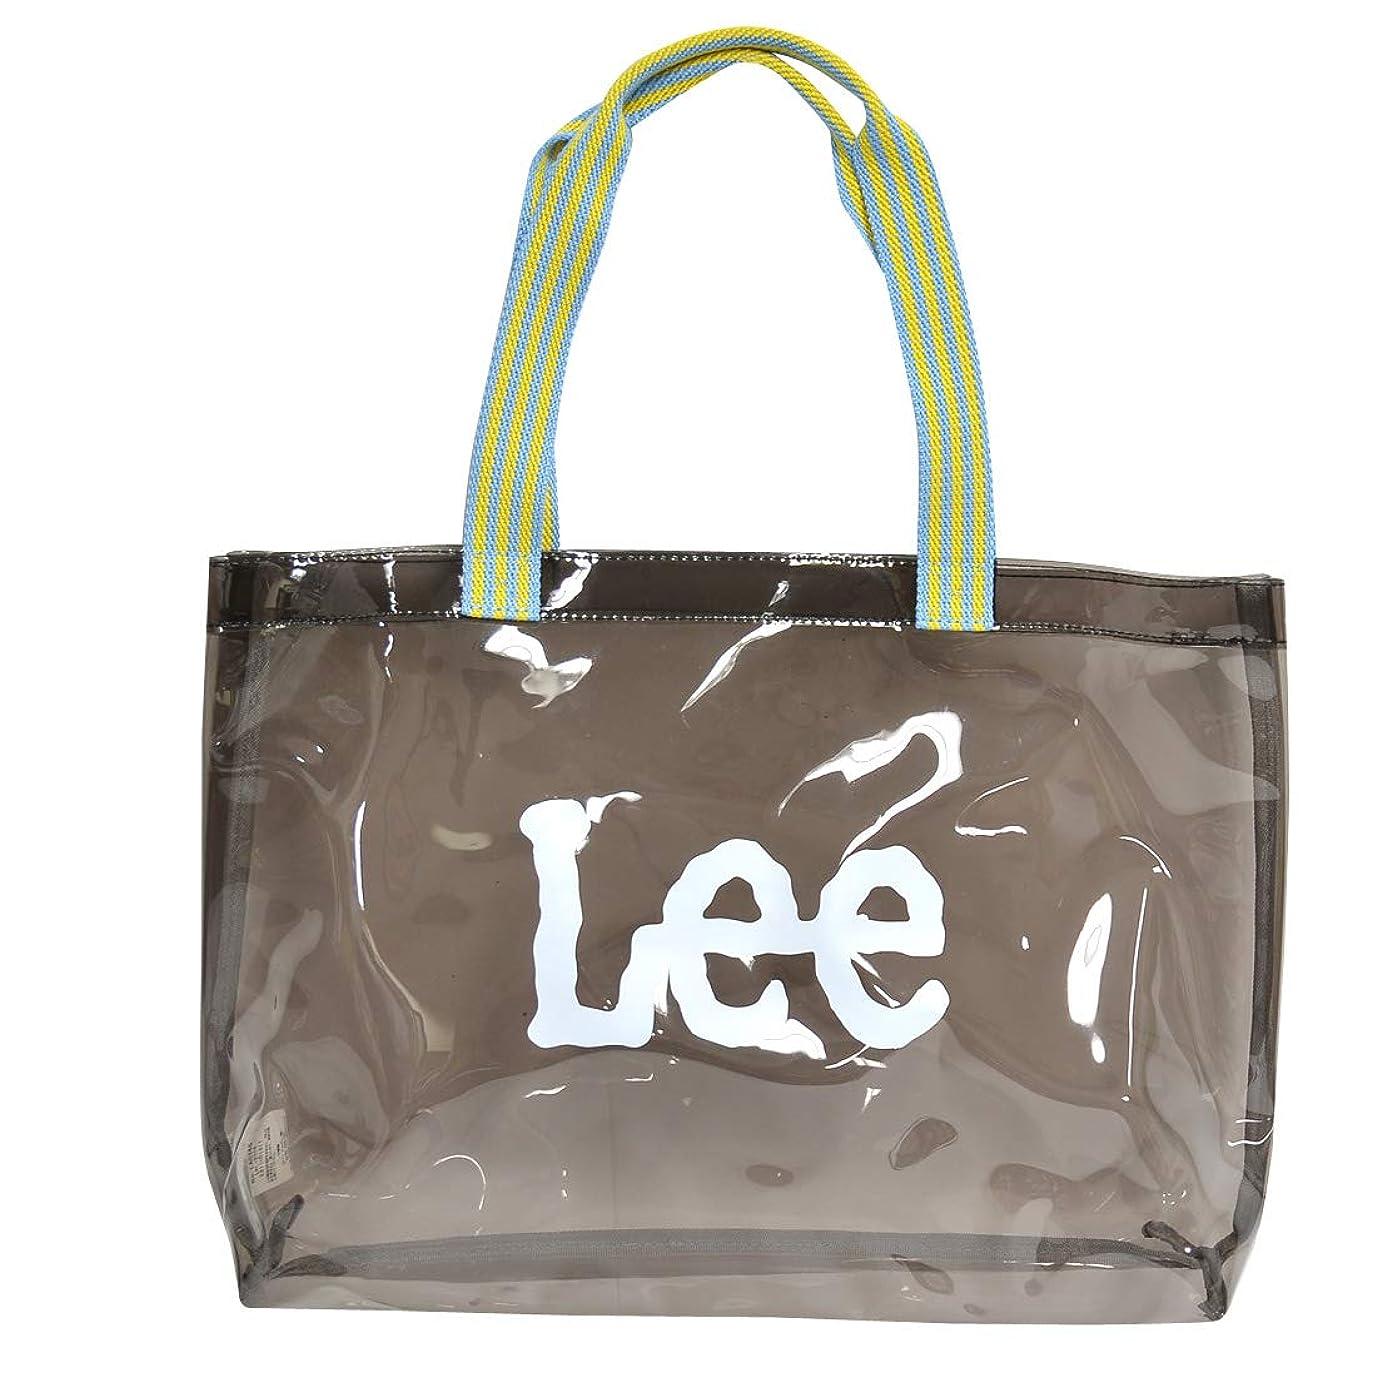 荒涼とした汗も[リー] Lee プールバッグ 女の子 ビニールバッグ トートバッグ クリアバッグ メンズ レディース おしゃれ ブランド ビーチバッグ 可愛い